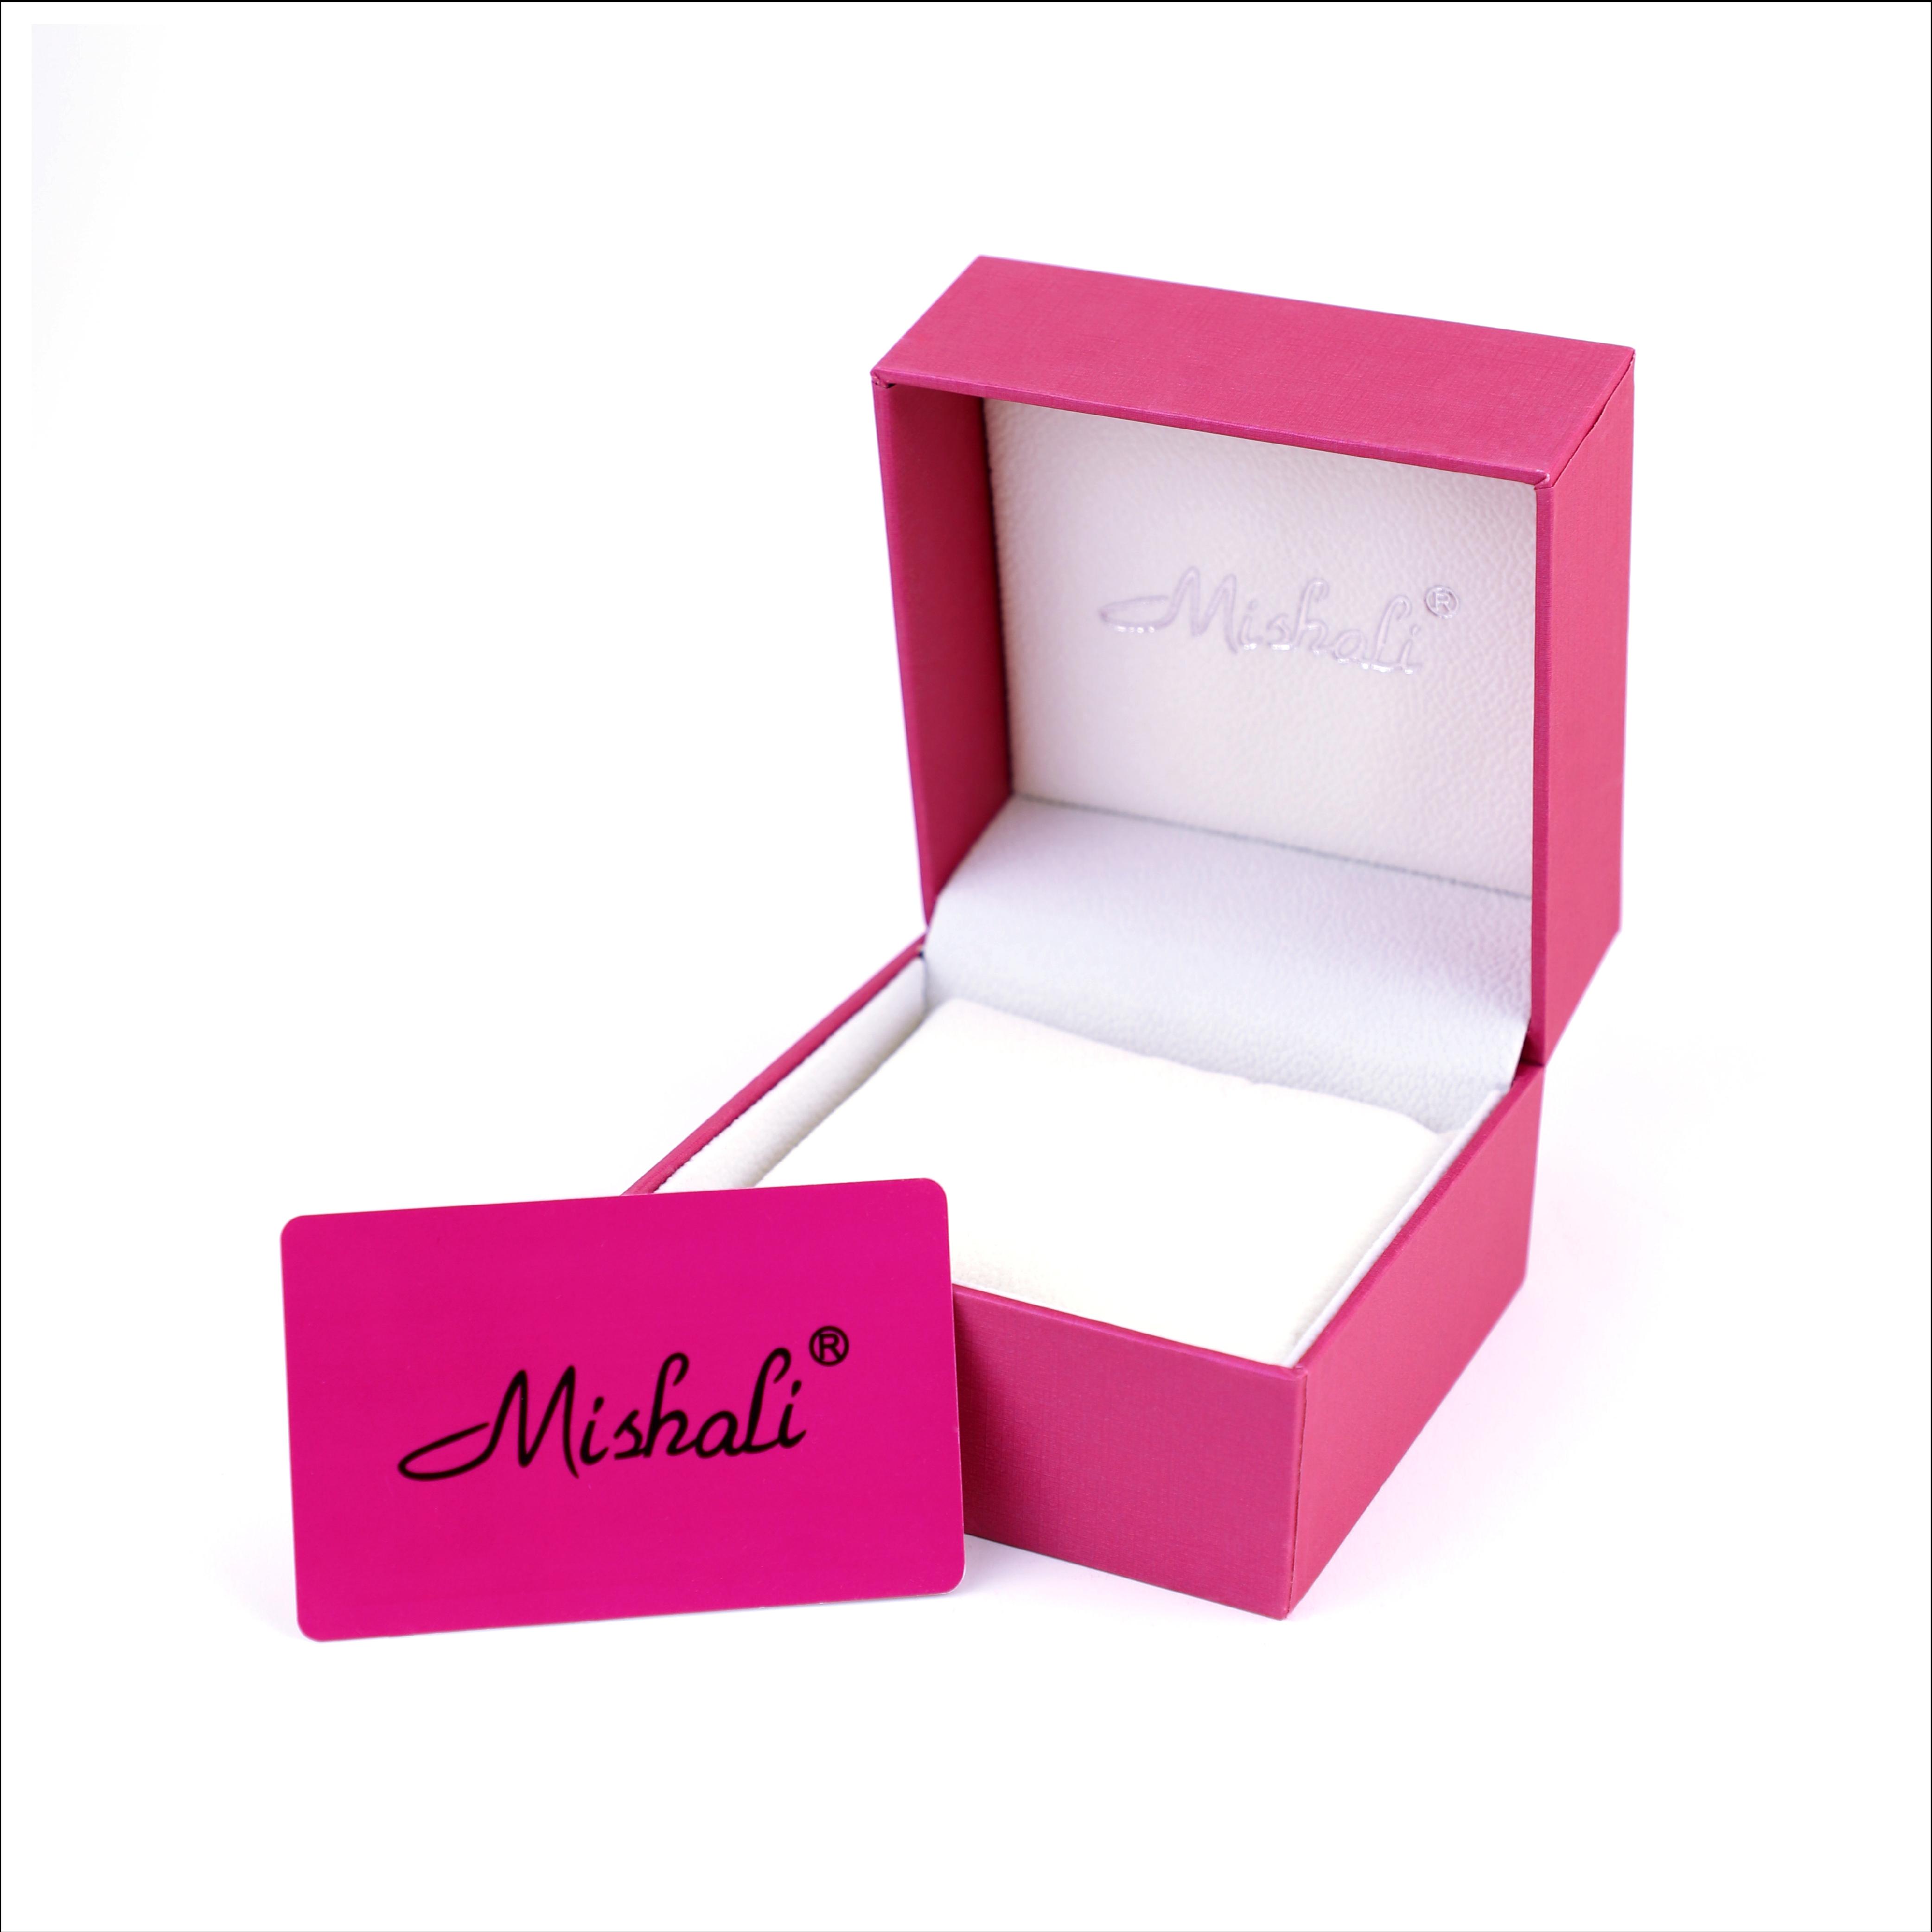 นาฬิกาข้อมือผู้หญิง MISHALI M17706 A